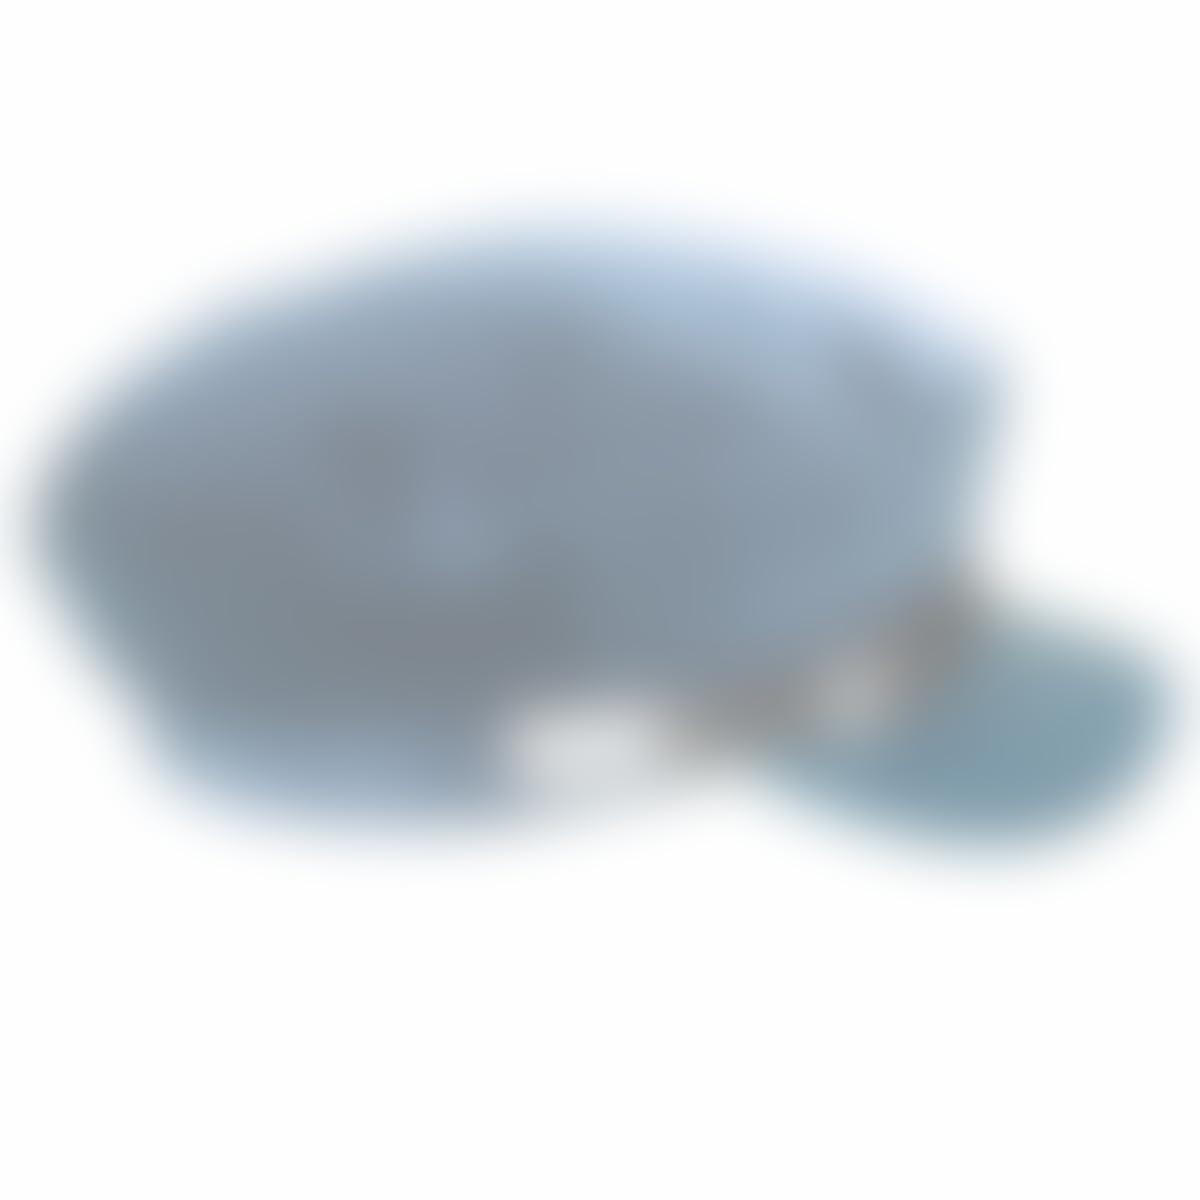 RACEU ATELIER Gorra Mujer CHLOE - Gorra marinera - Hecha en terciopelo -  Visera y cinta de piel - Sombreros Mujer - Tipo Boina Francesa  Amazon.es   Handmade 5fc2a29e3c2